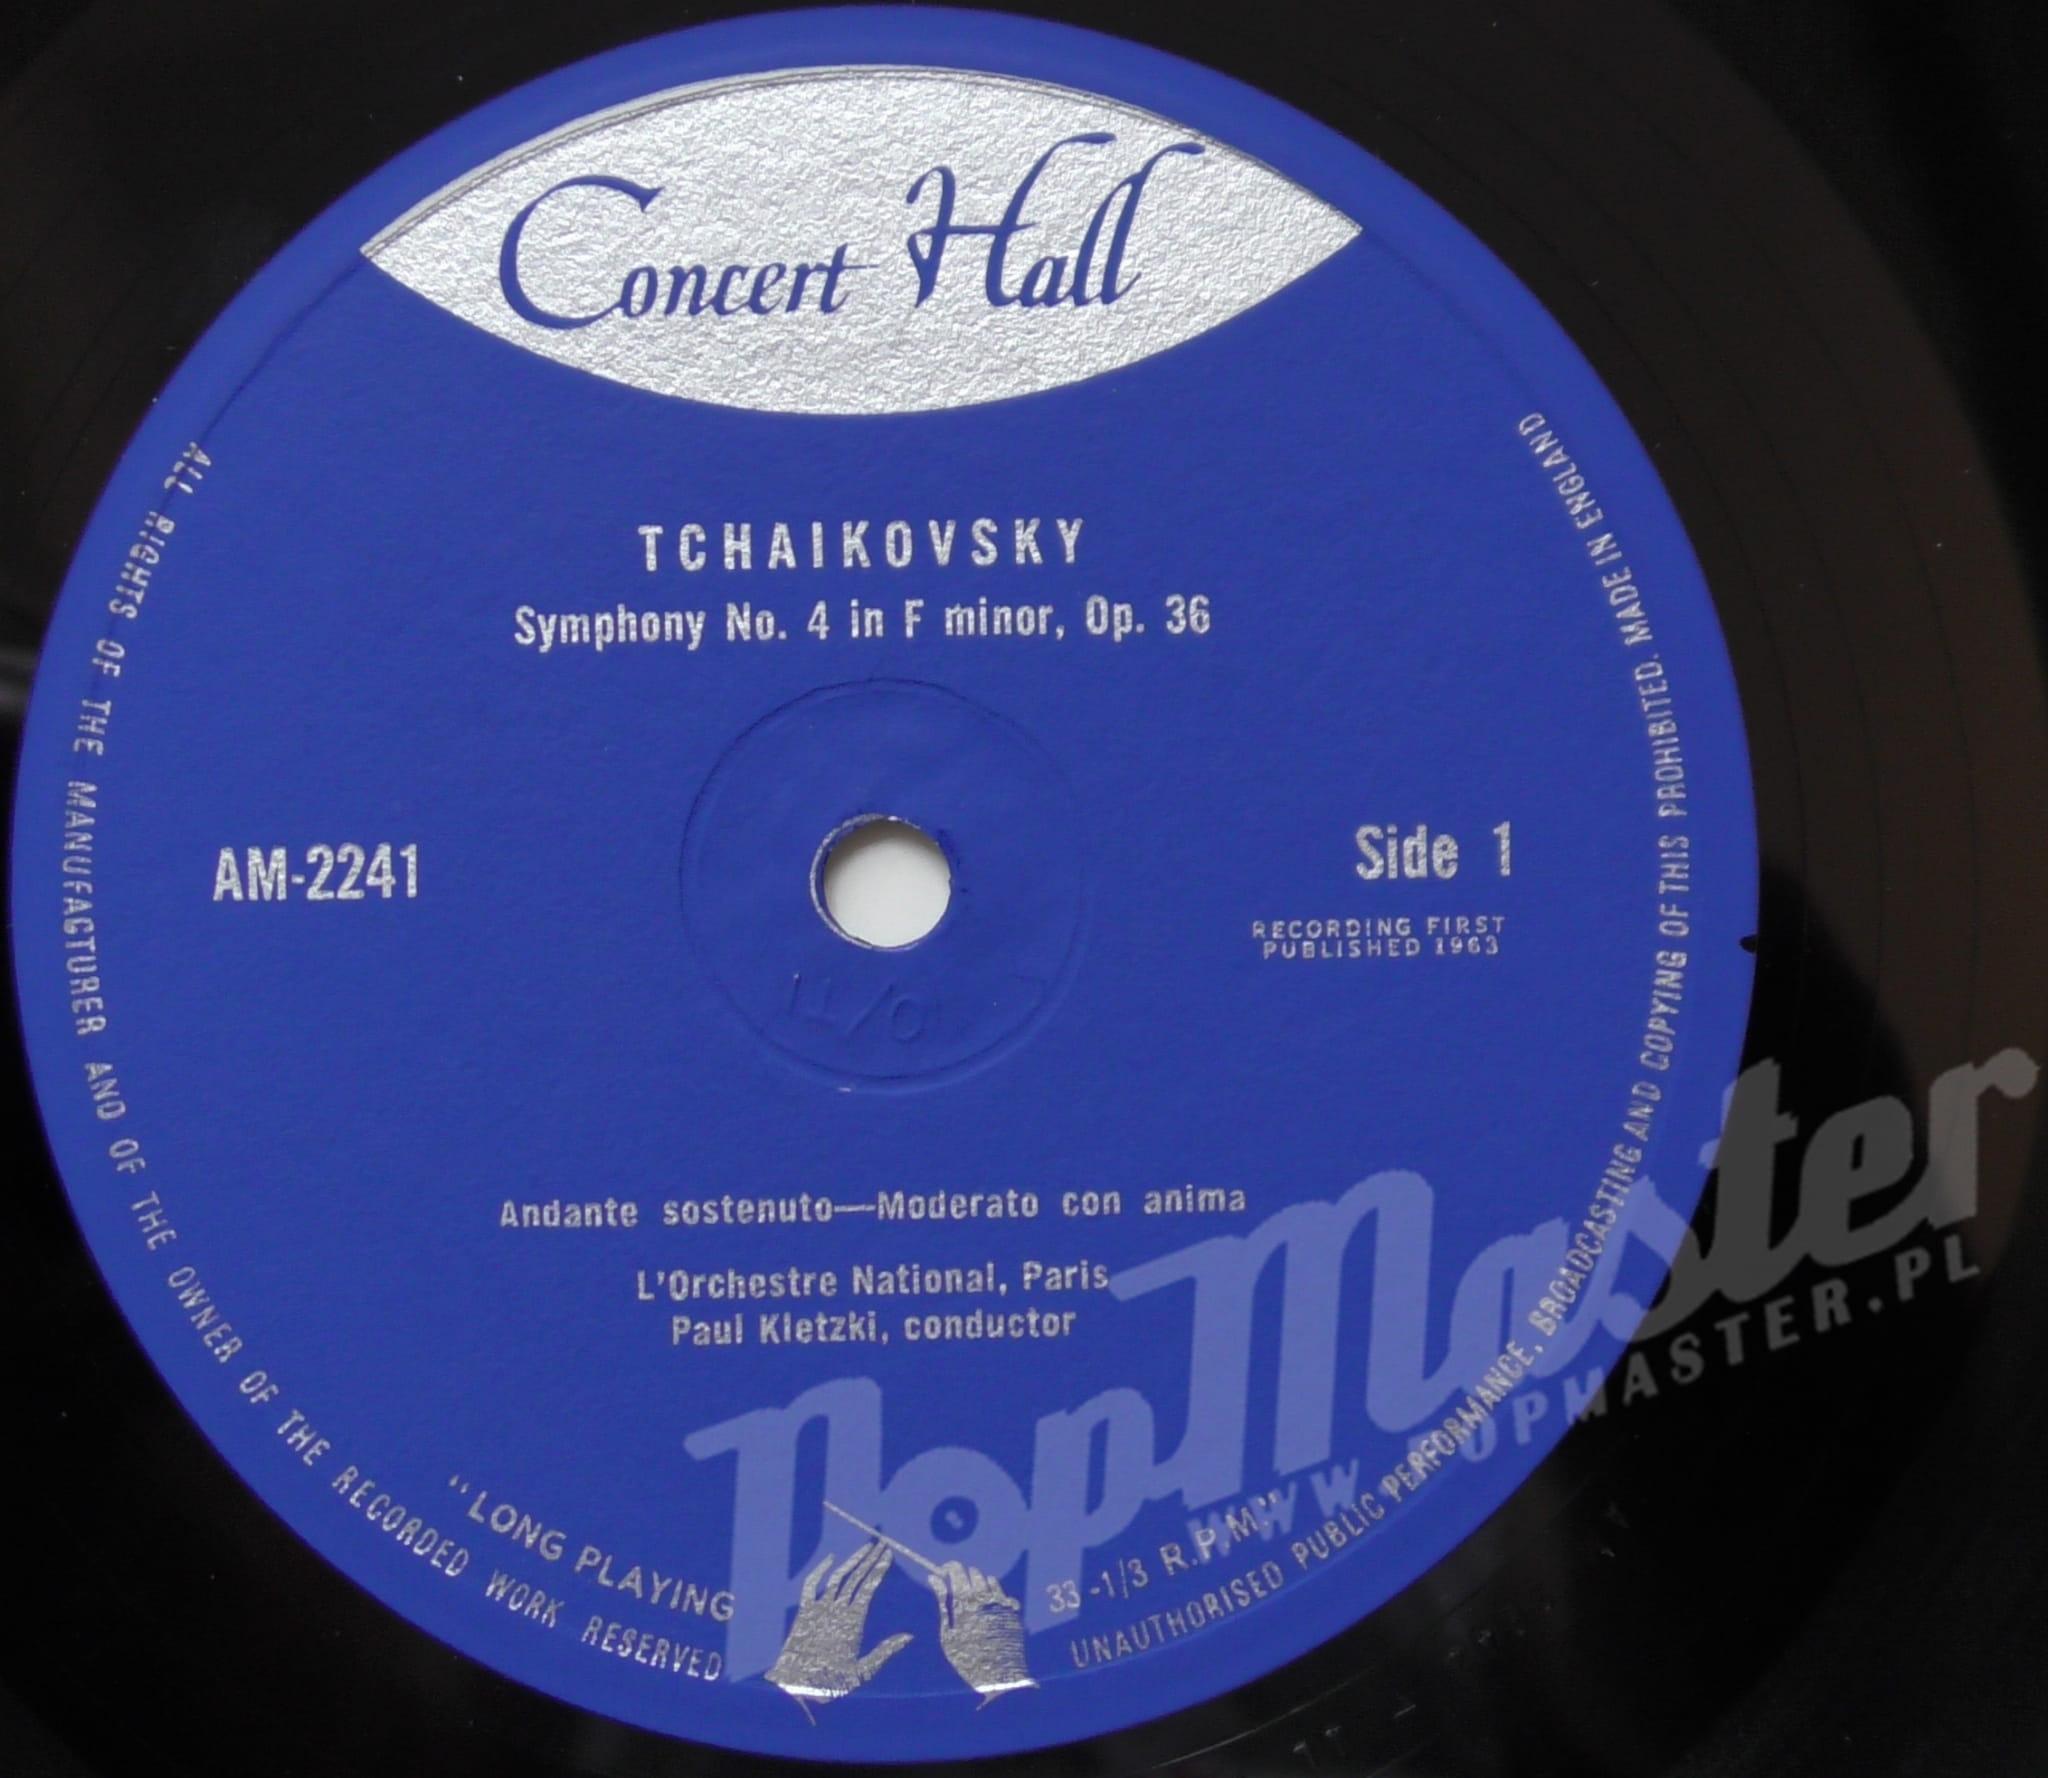 Tchaikovsky Symphony No  4 L'Orchestre National Paris Paul Kletzki  Conductor AM 2241 mono Classical Music Vinyl Records